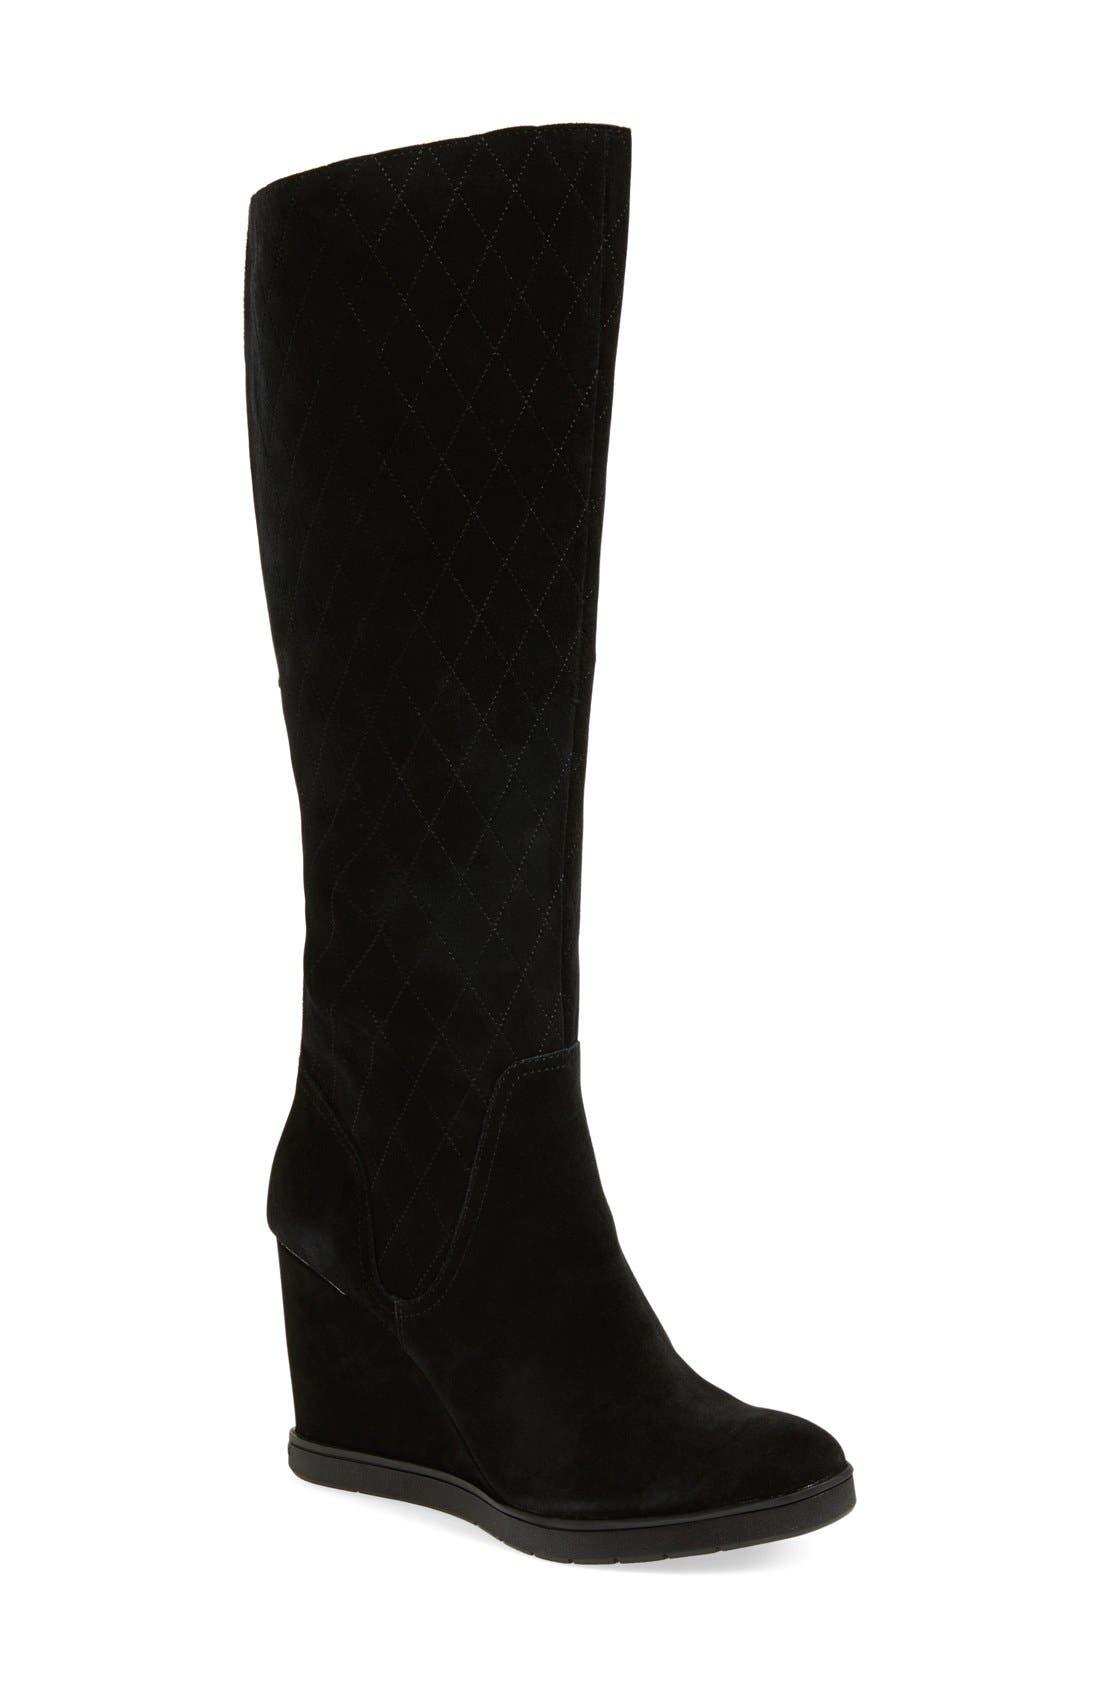 Main Image - Donald J Pliner 'Cadi' Wedge Boot (Women)